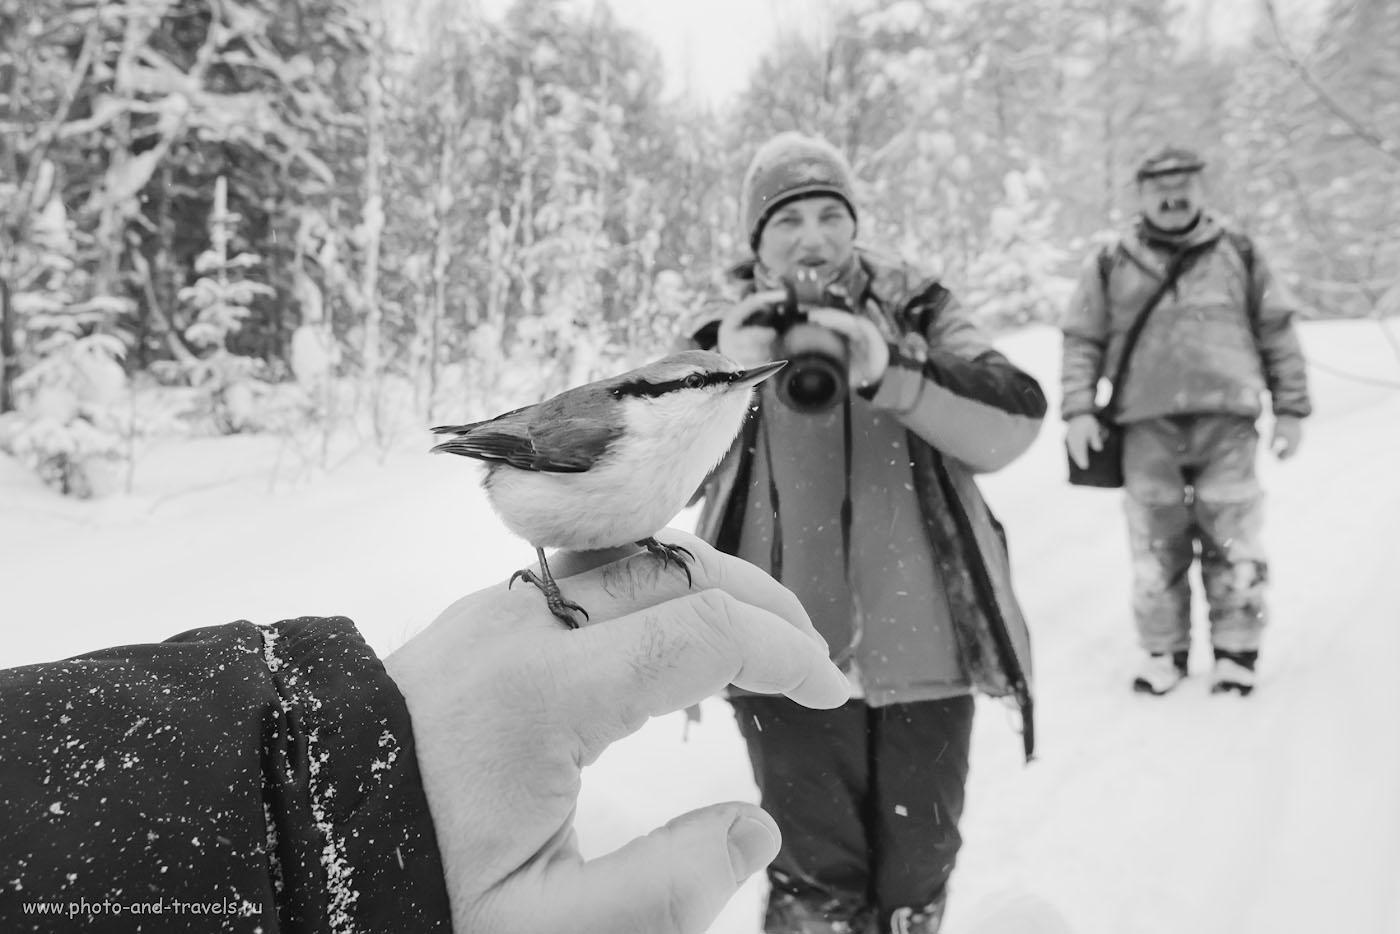 Фотография 35. Старый лесной поползень спрашивает тебя, аноним: «А ты уже поделился ссылкой на обзор Nikon 17-55mm f/2.8G со своими друзьями в соцсетях, чтобы стимулировать его автора на публикацию новых интересных материалов?»